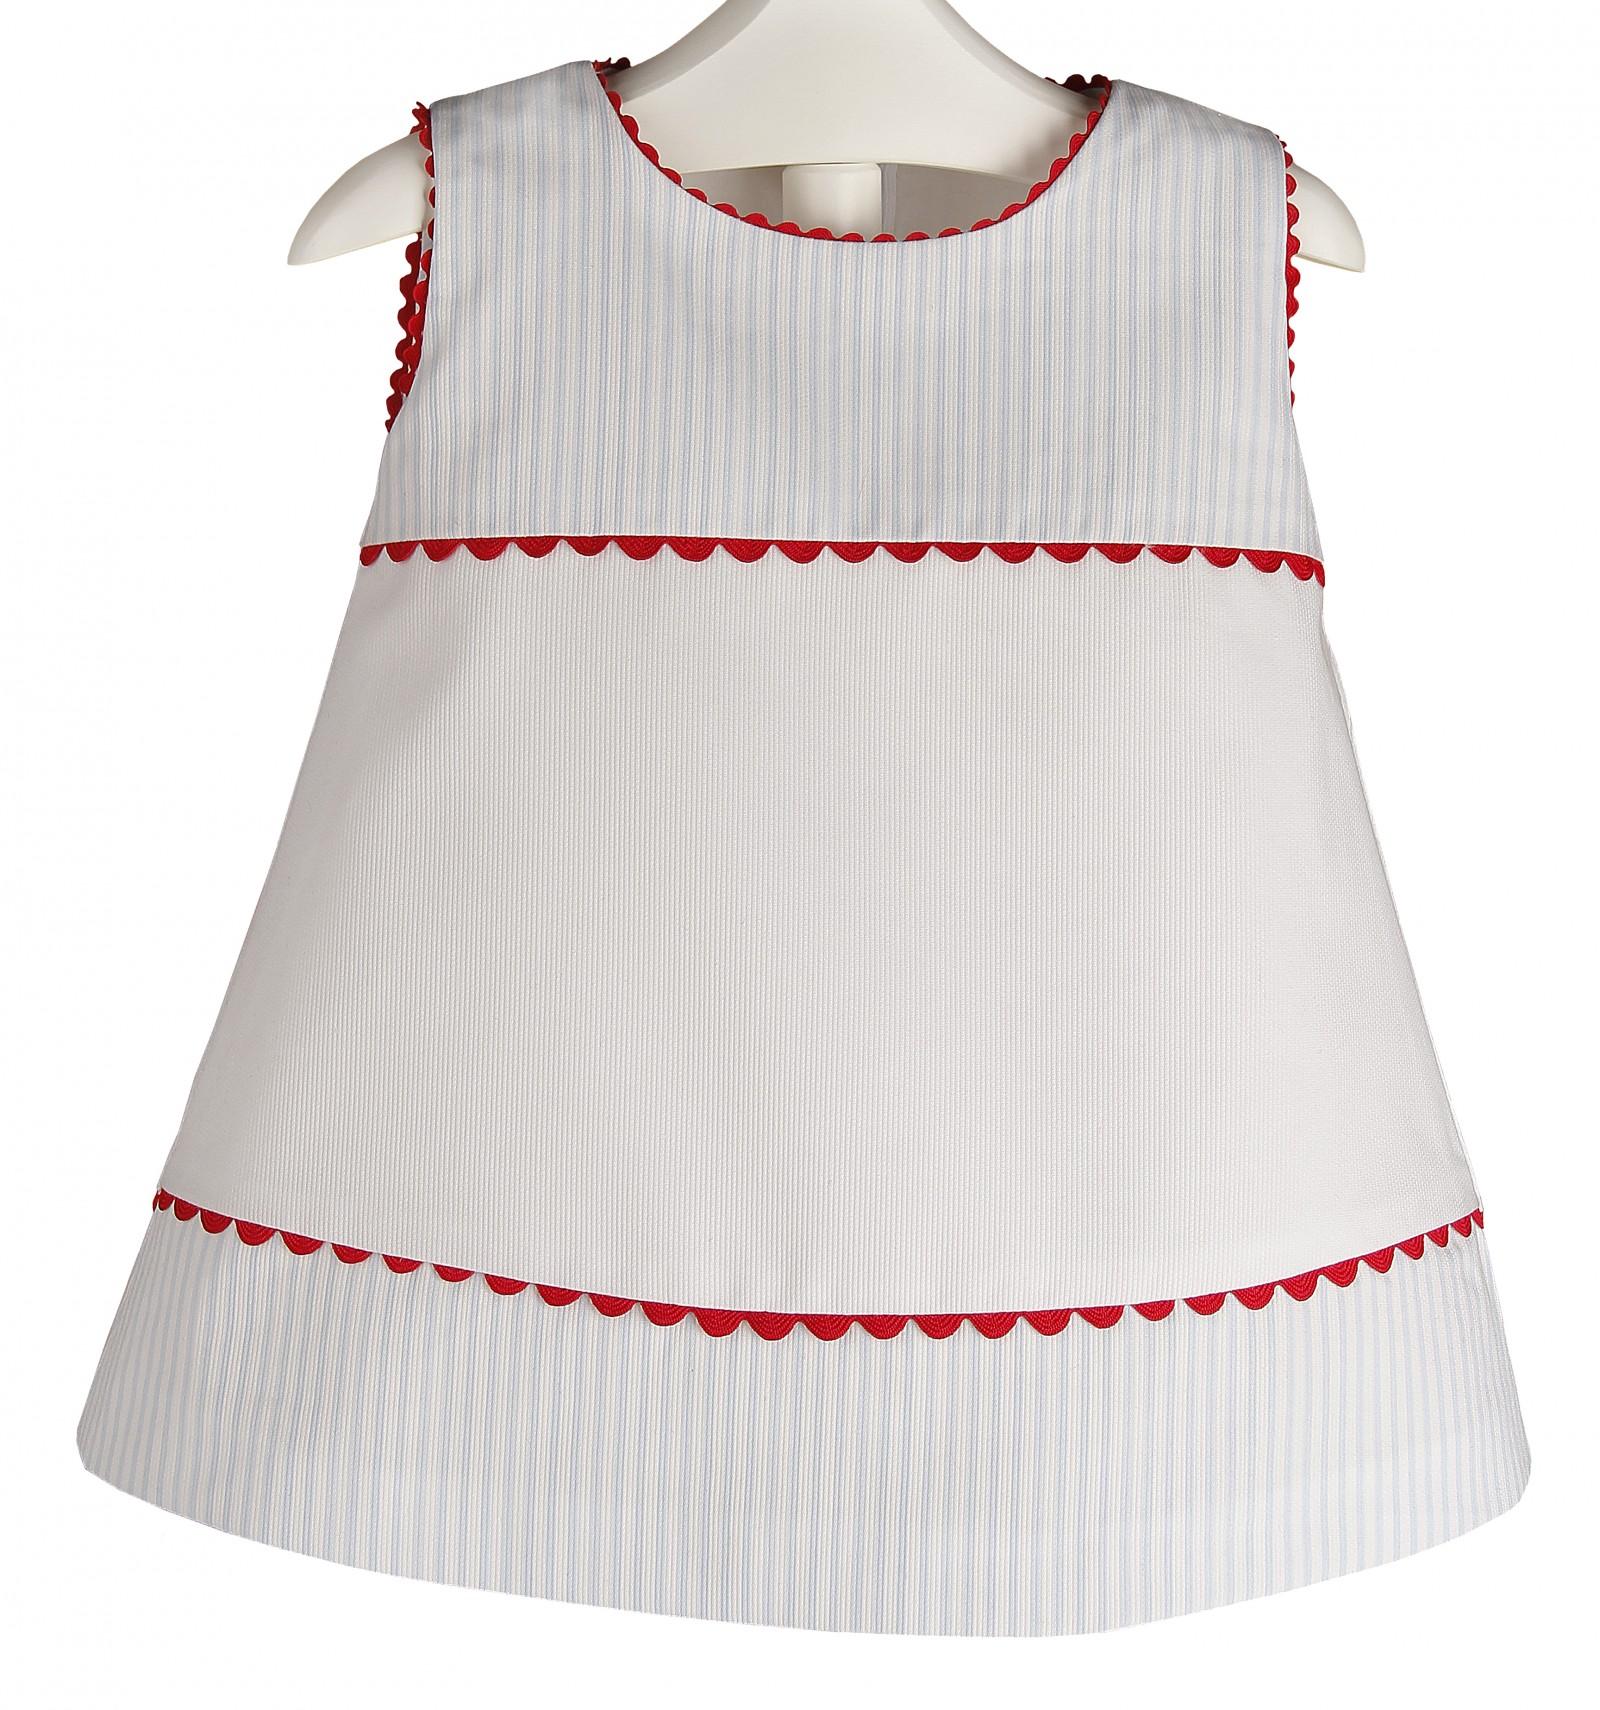 8fc0963fbae63 Vestido para bebé y niña de piqué de rayas y piculina roja